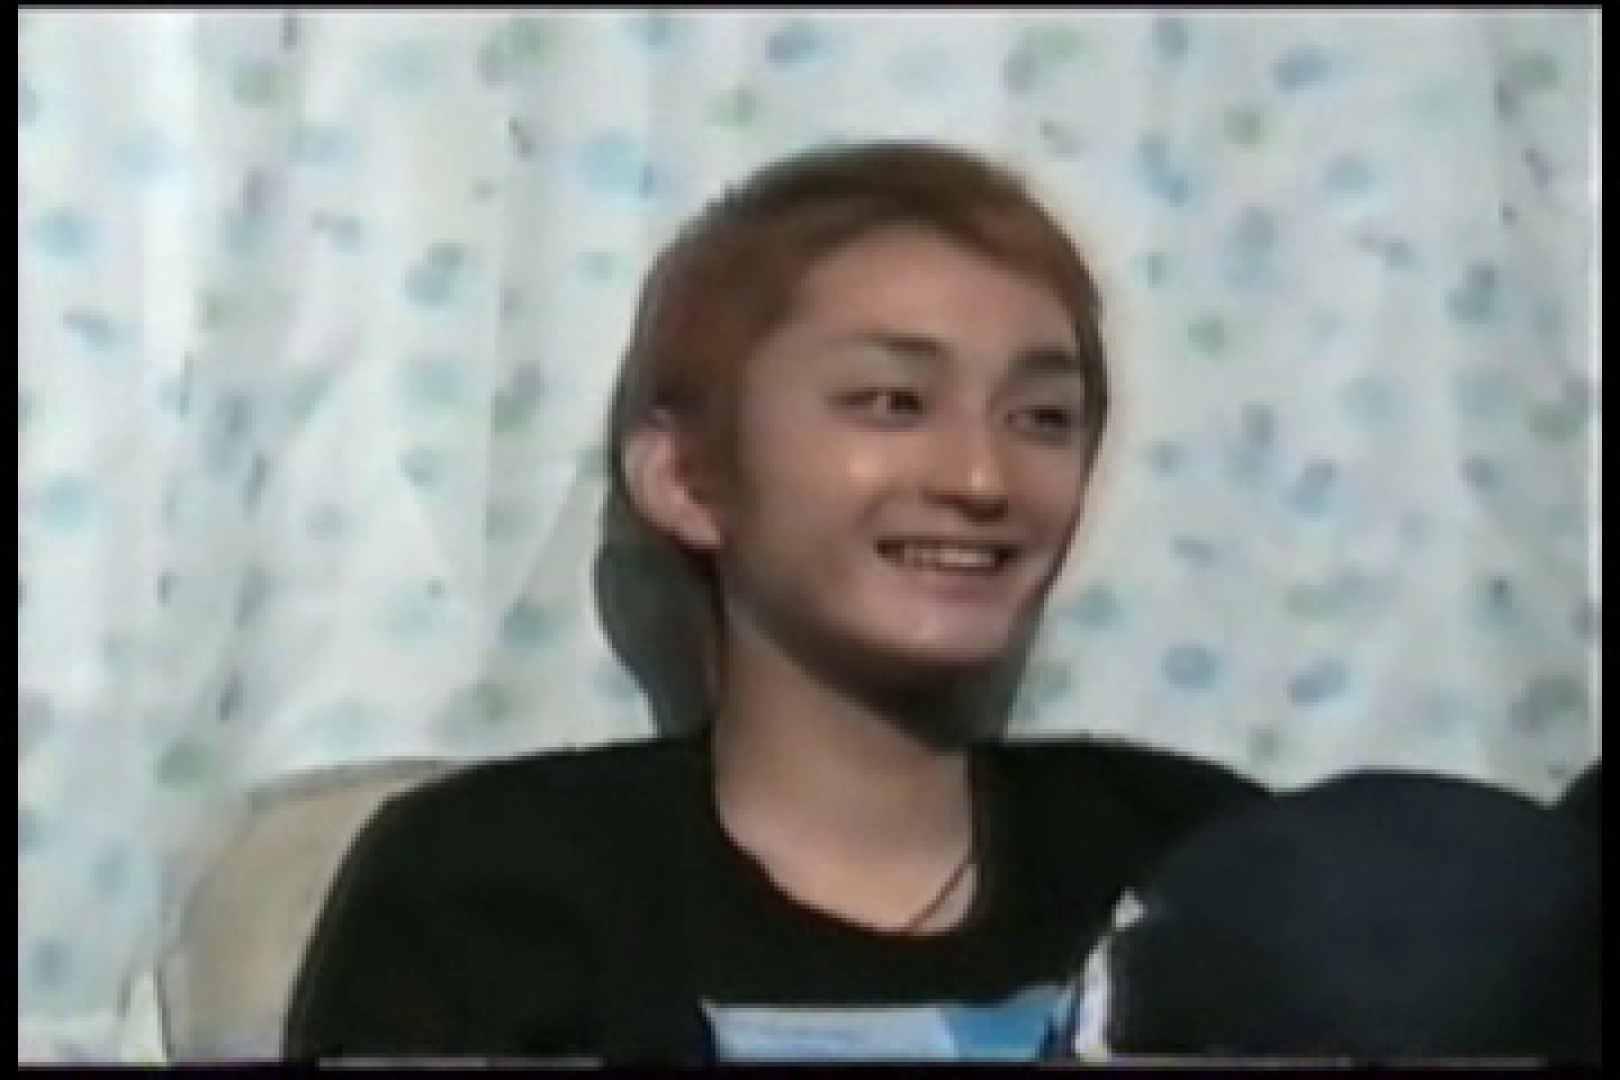 【流出】アイドルを目指したジャニ系イケメンの過去 射精 GAY無修正エロ動画 107枚 55